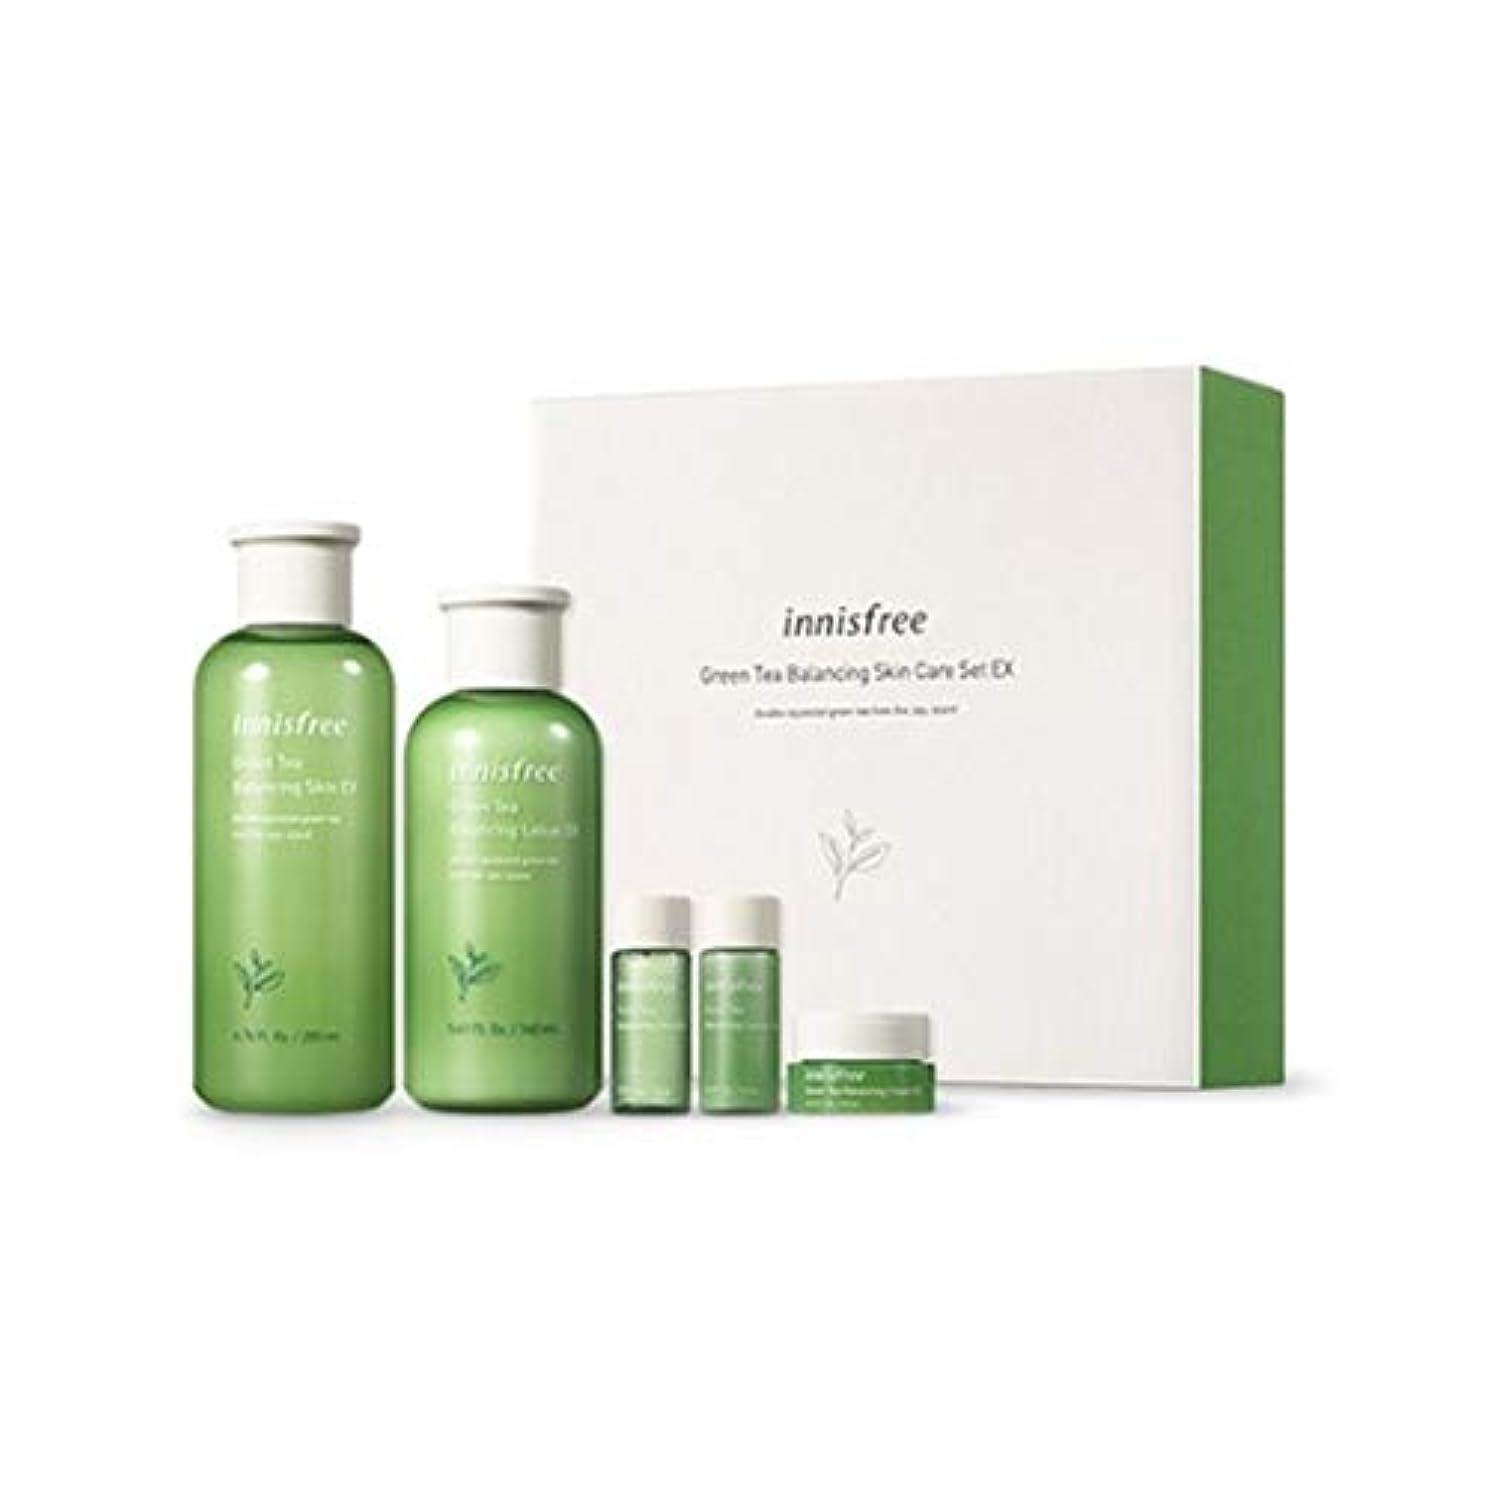 会う名目上の哲学博士イニスフリーグリーンティーバランシングスキンケアセットの水分ケア韓国コスメ、innisfree Green Tea Balancing Skin Care Set Korean Cosmetics [並行輸入品]